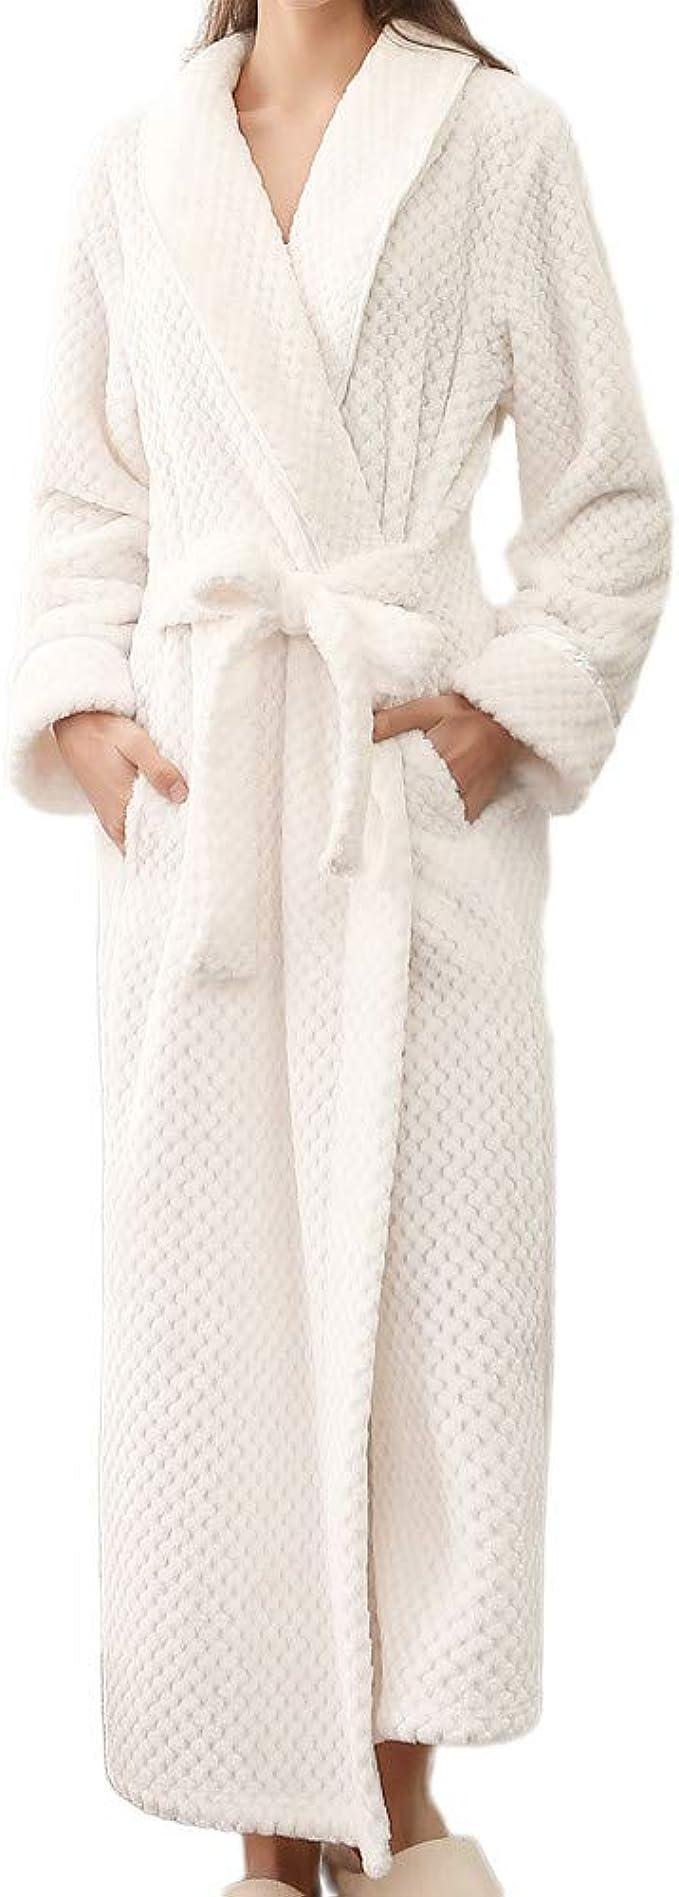 Peignoir De Bain Pour Femme Hiver Long Chaud 100 Coton En Satin éponge Grand Taille Polaire Robe De Chambre Amazon Fr Vêtements Et Accessoires